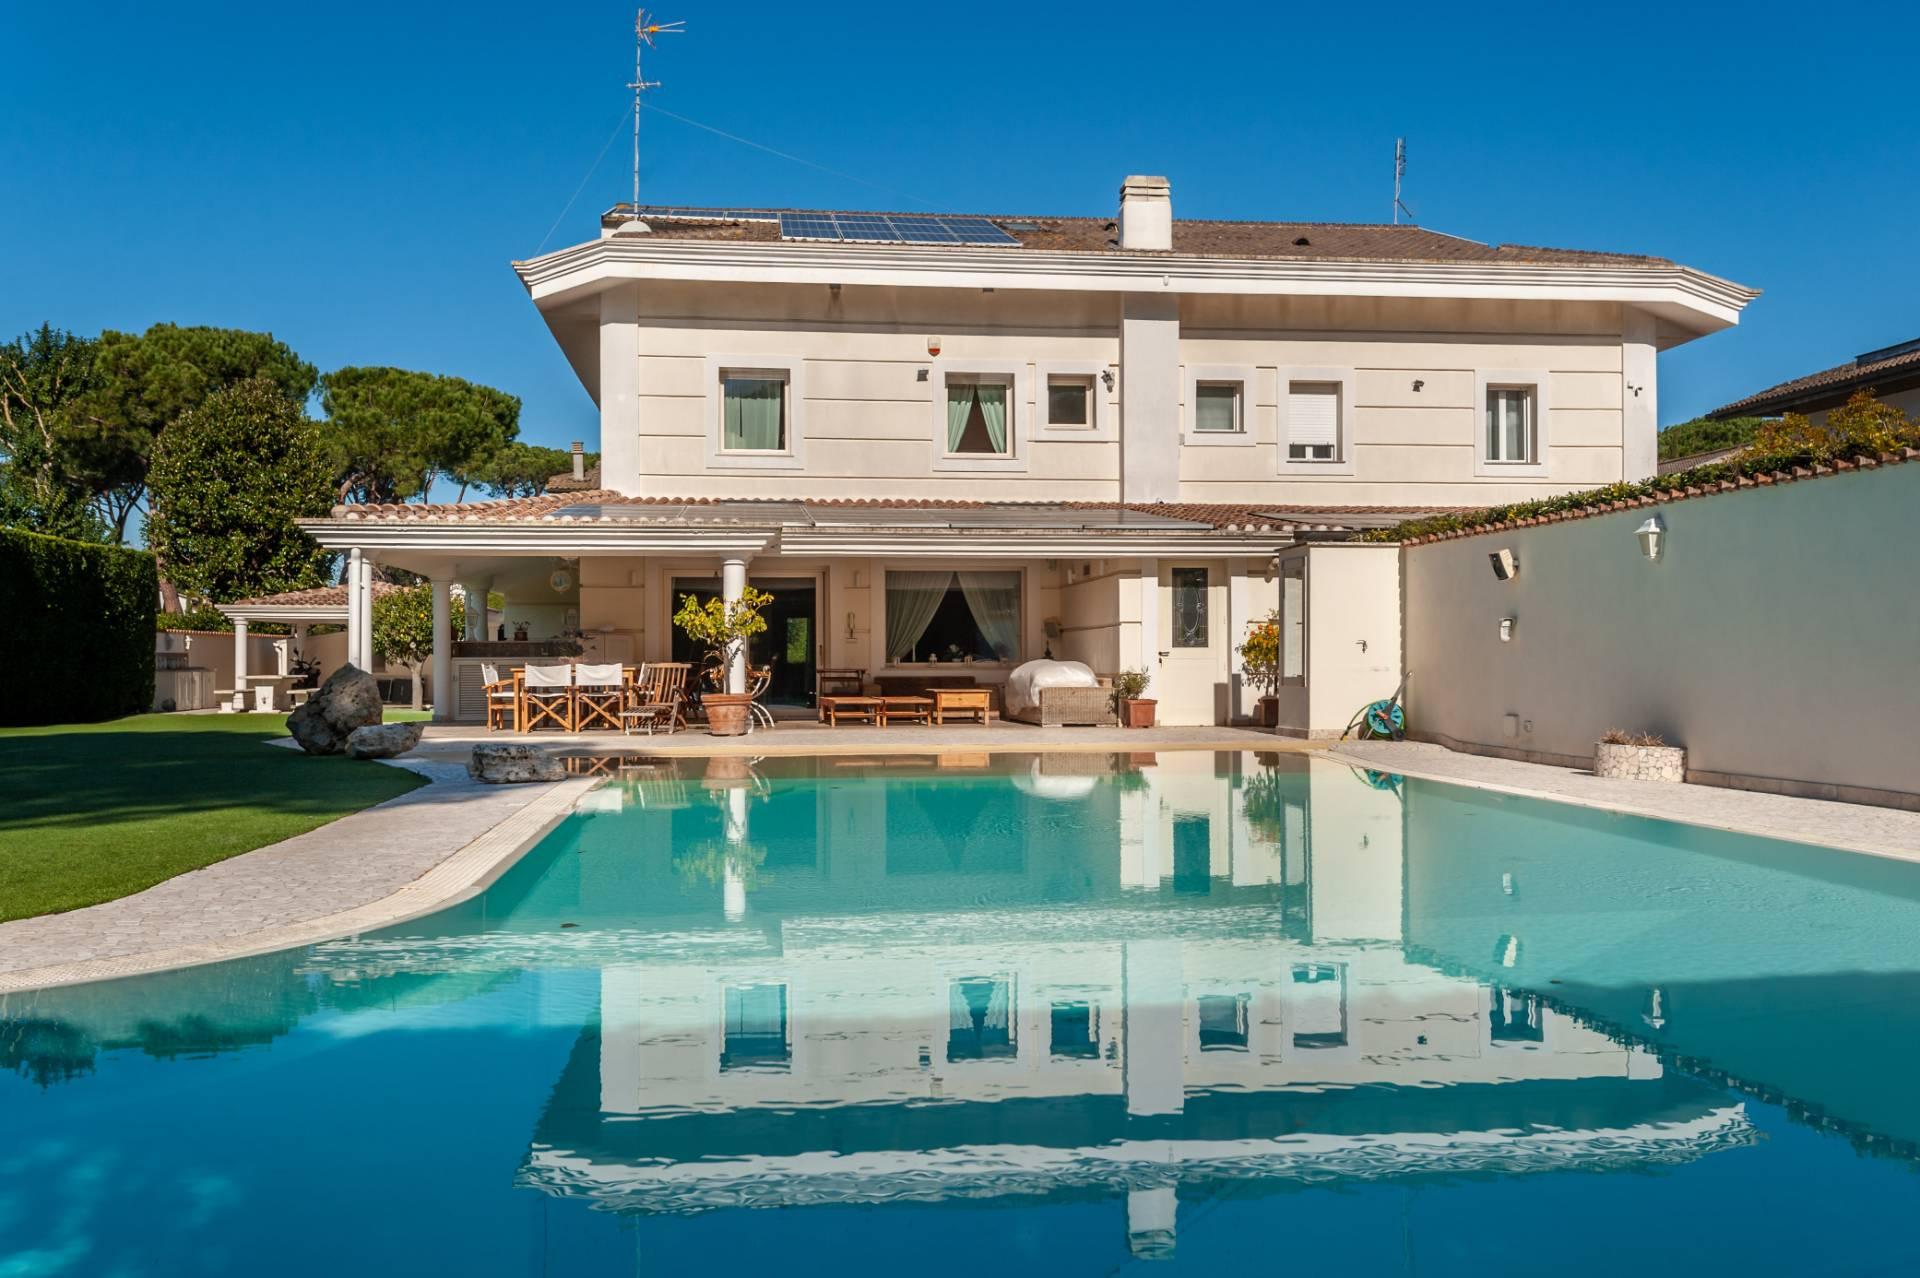 Villa in Vendita a Roma: 5 locali, 324 mq - Foto 1